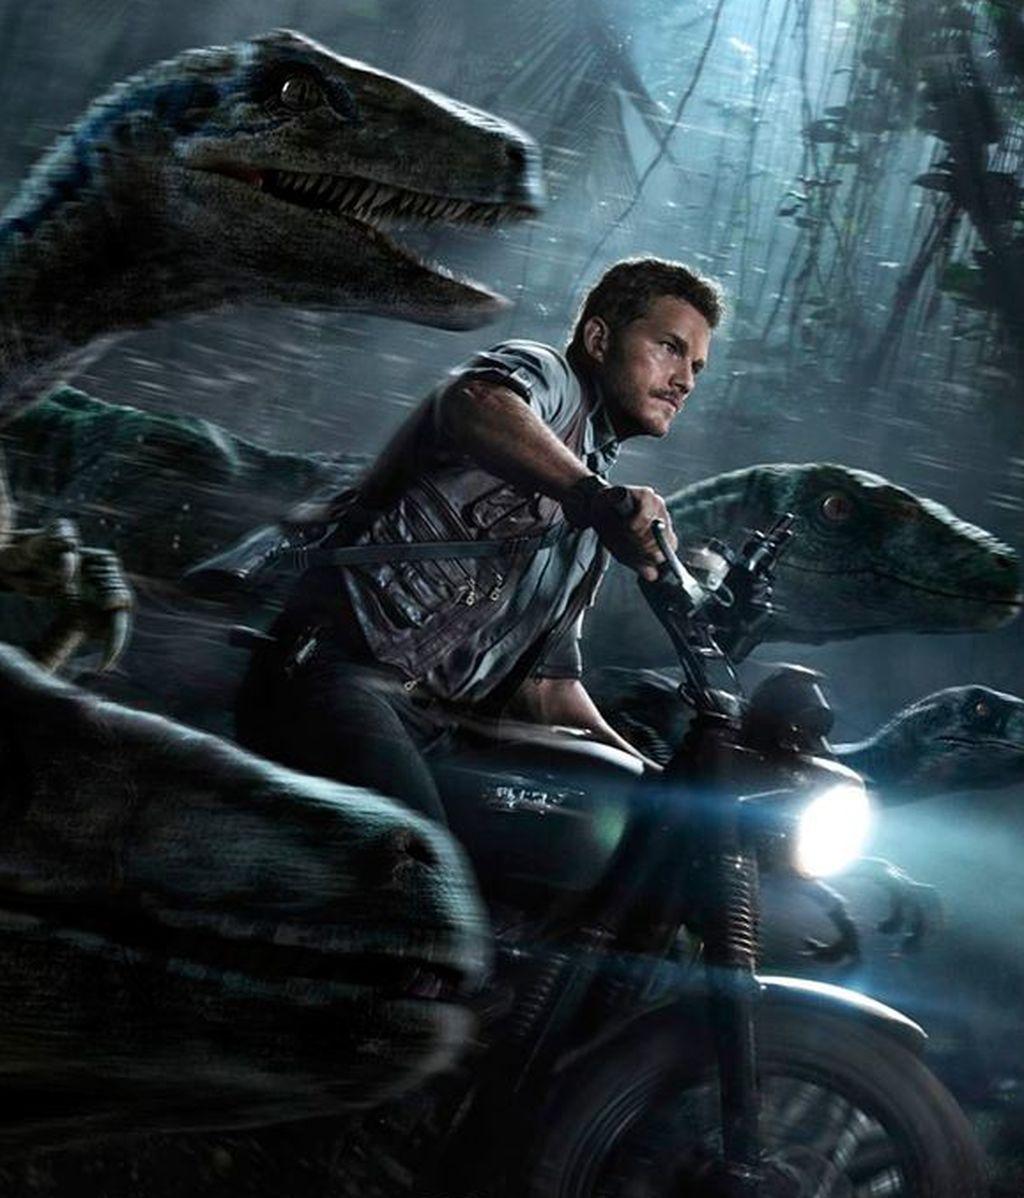 Diez motivos para ver 'Jurassic World' y escapar del gran dinosaurio